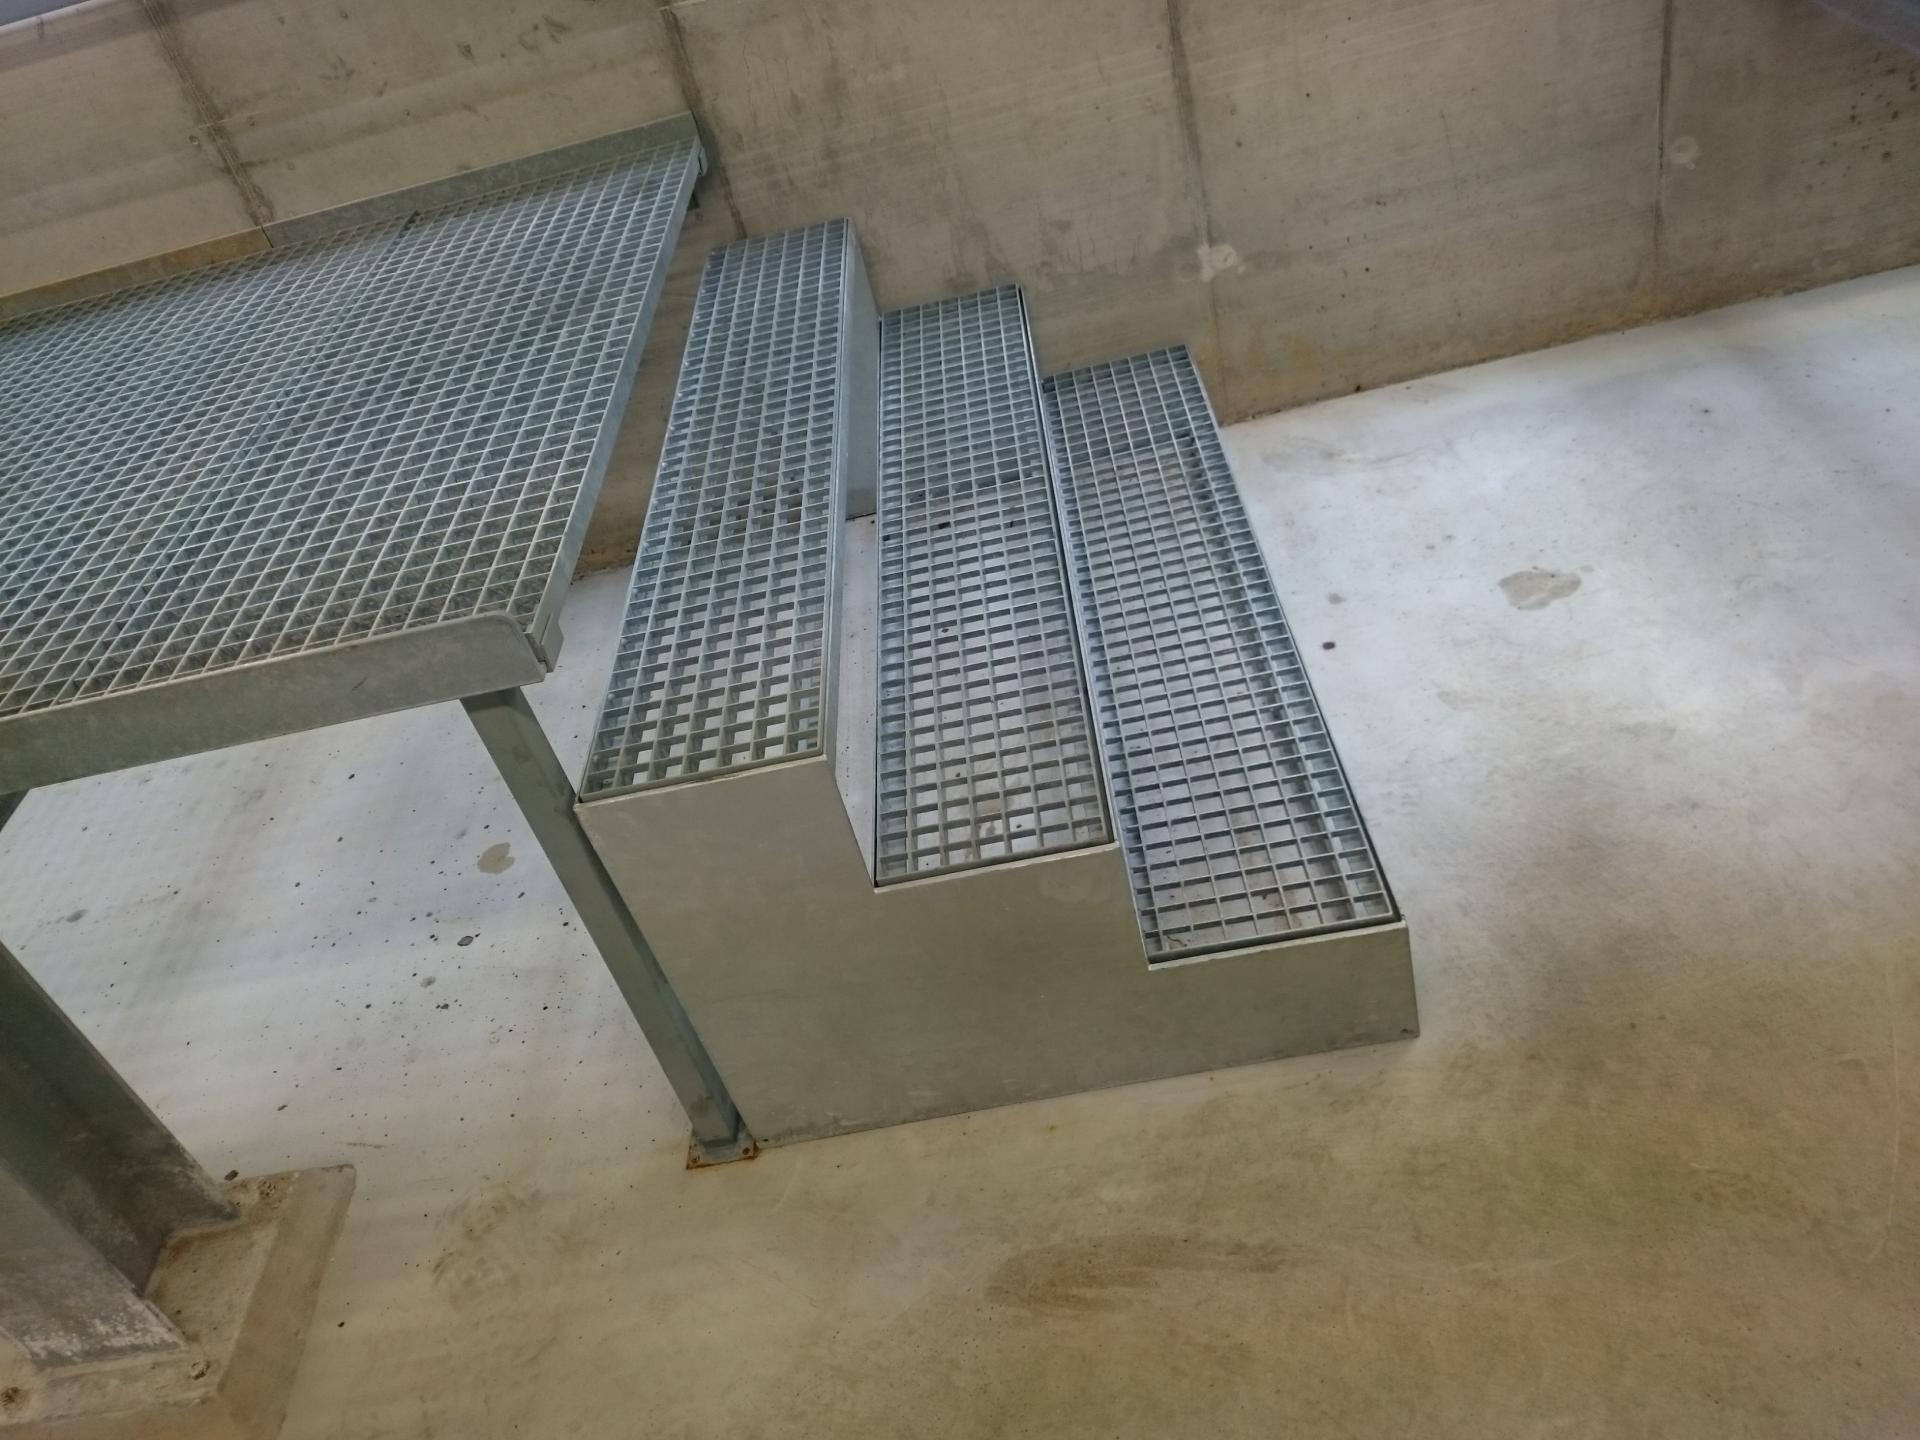 Escalier Fosse